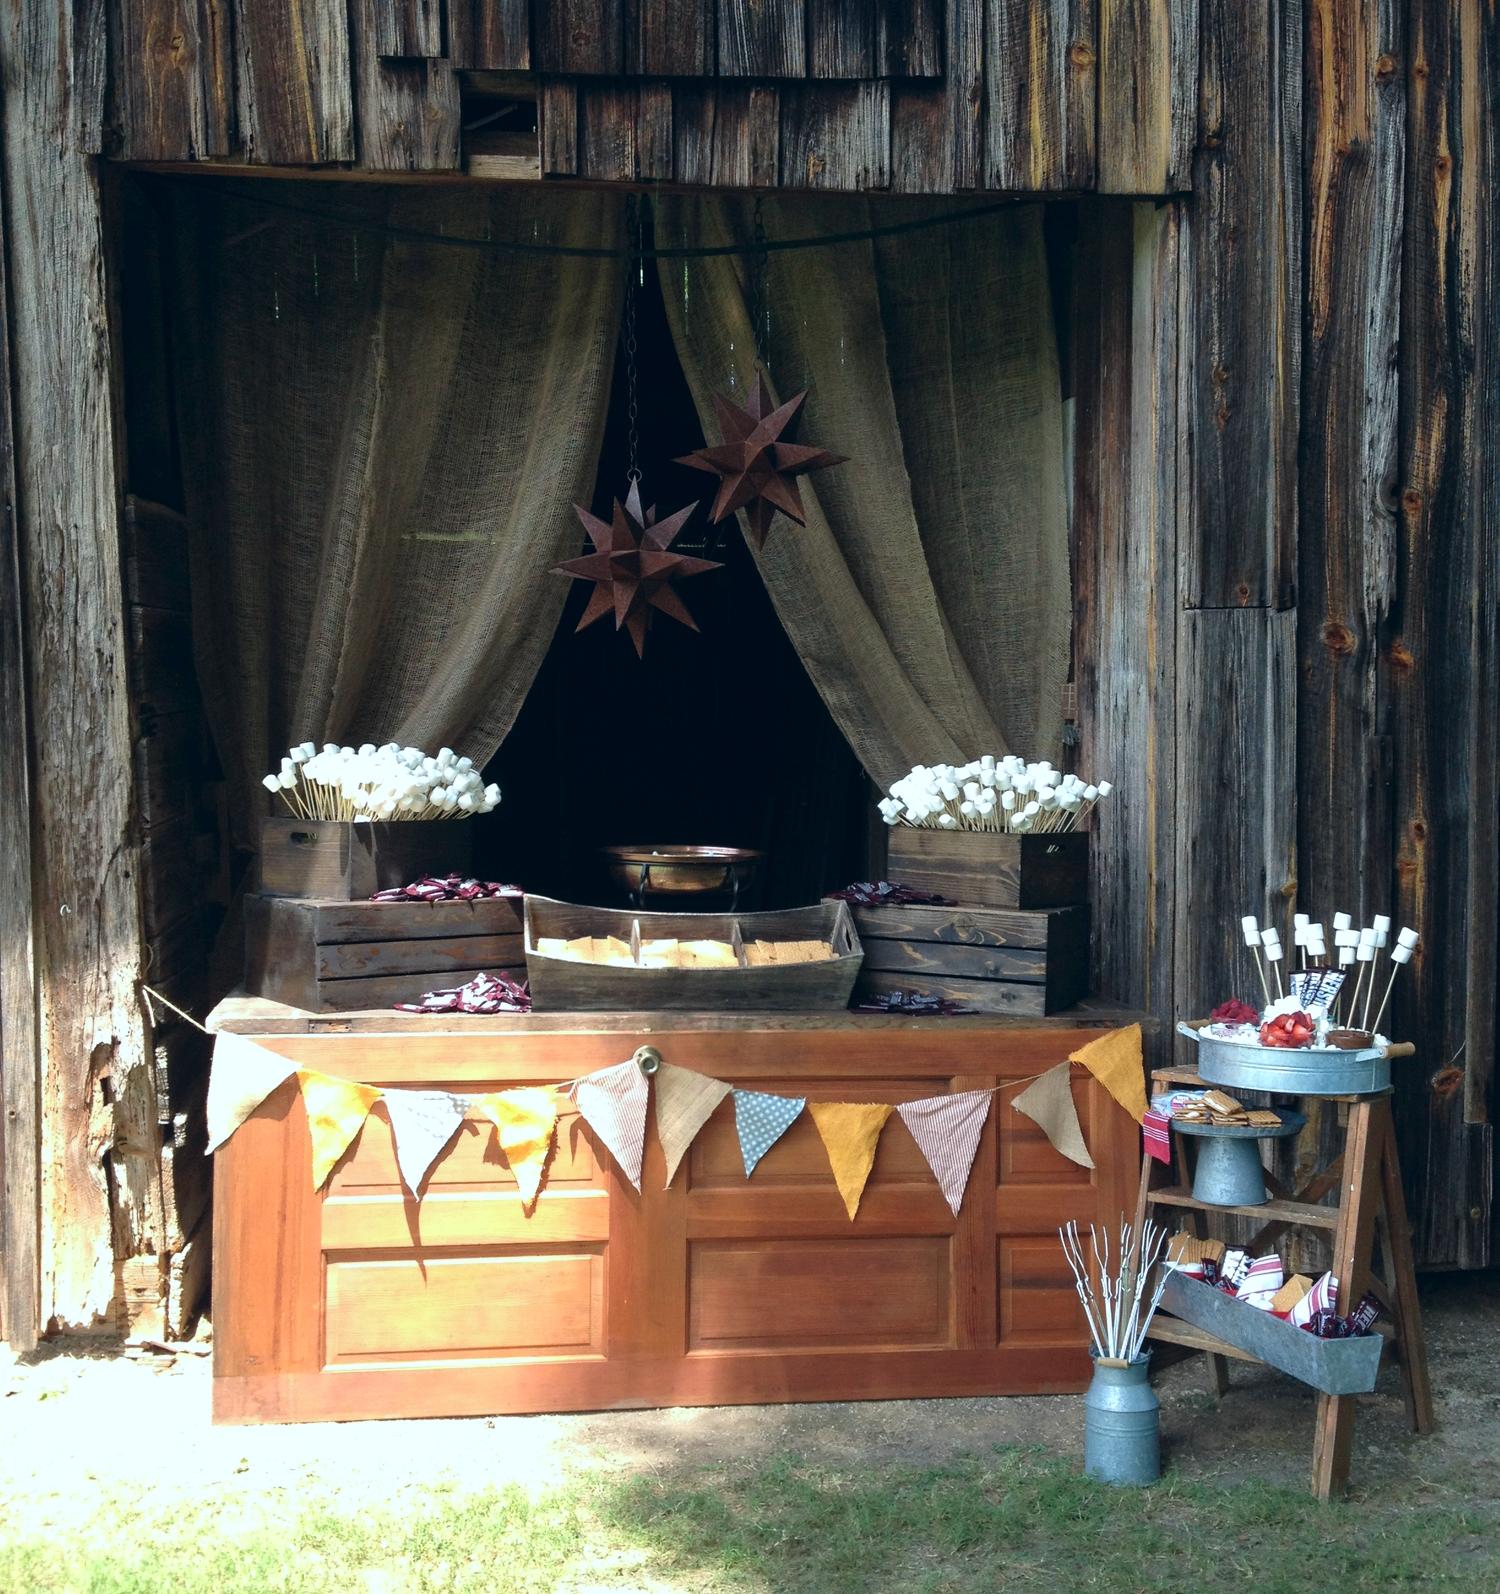 Createa S'mores Bar for a party, wedding, or simple backyard fun...